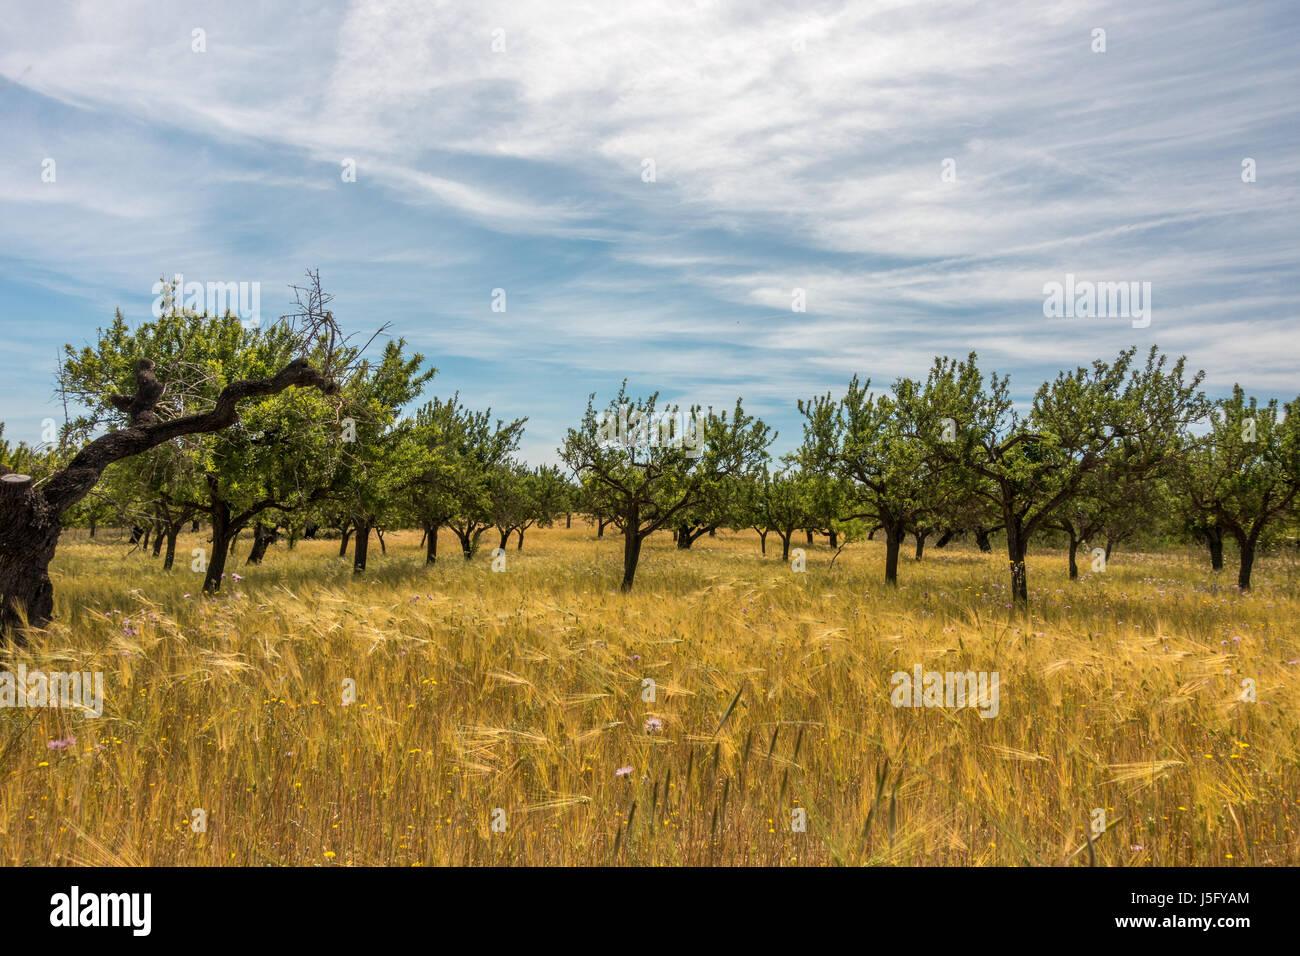 Landwirtschaft in Mallorca mit Bäumen und Getreide angebaut, Mallorca, Balearen, Spanien Stockbild